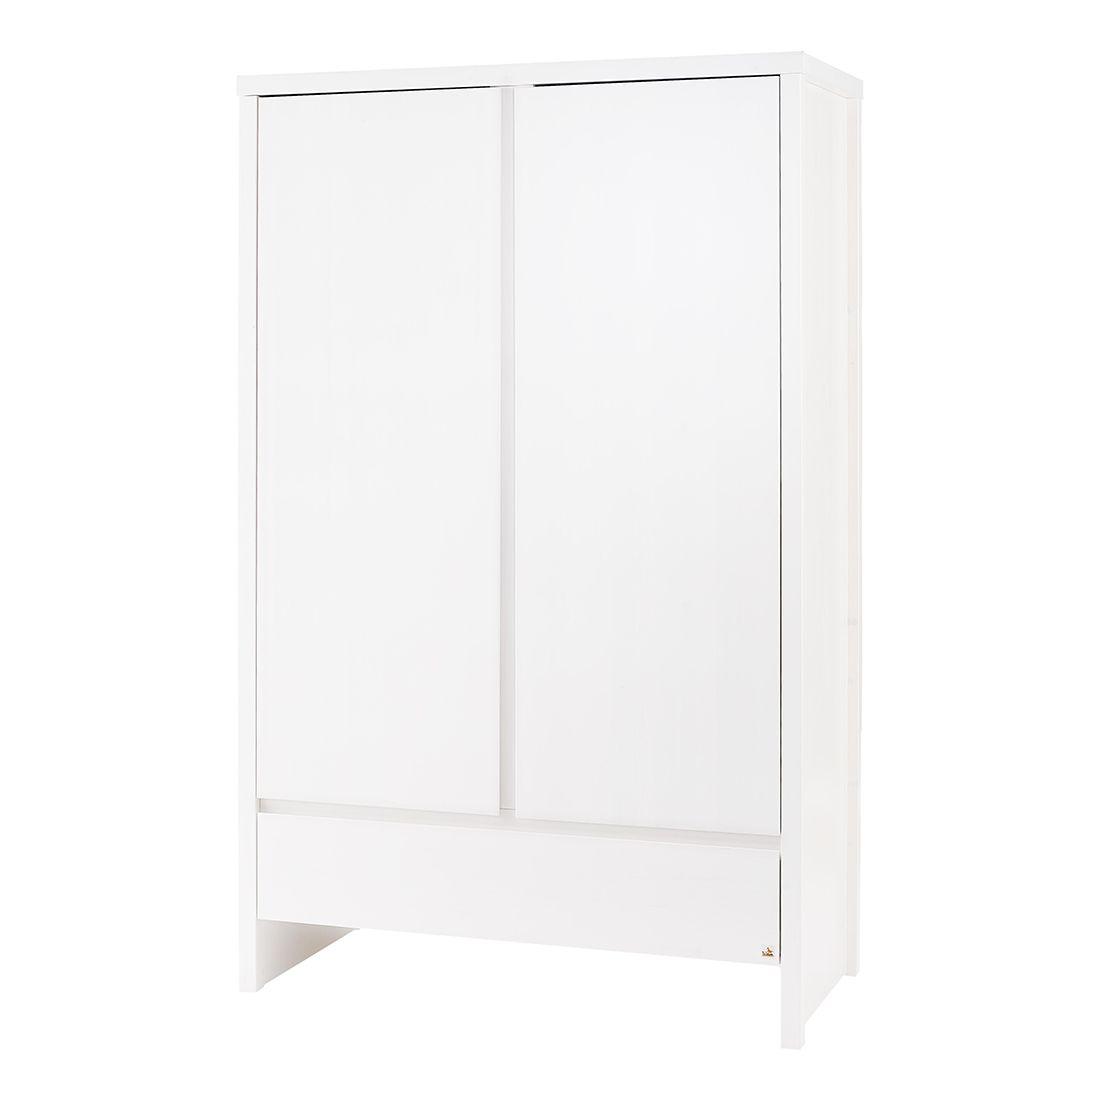 Kleiderschrank Aura (2-türig) - Fichte - Weiß - Lasiert, Pinolino